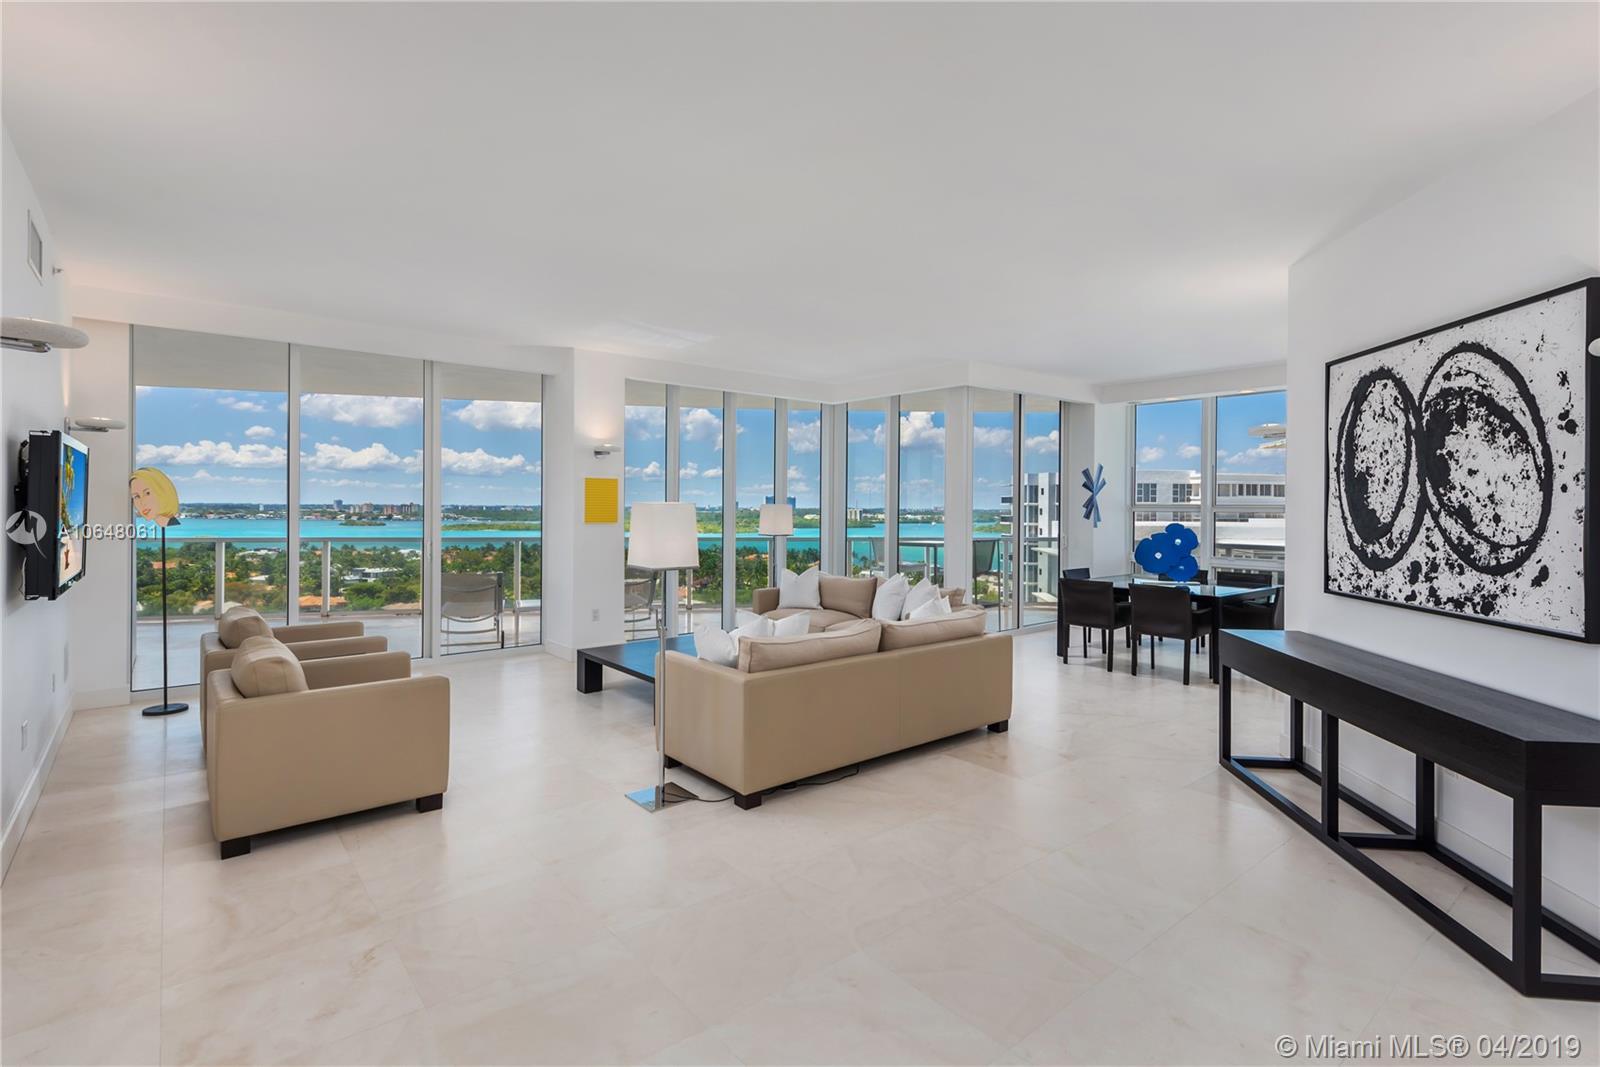 10225 Collins Ave #1103, Bal Harbour, FL 33154 - Bal Harbour, FL real estate listing